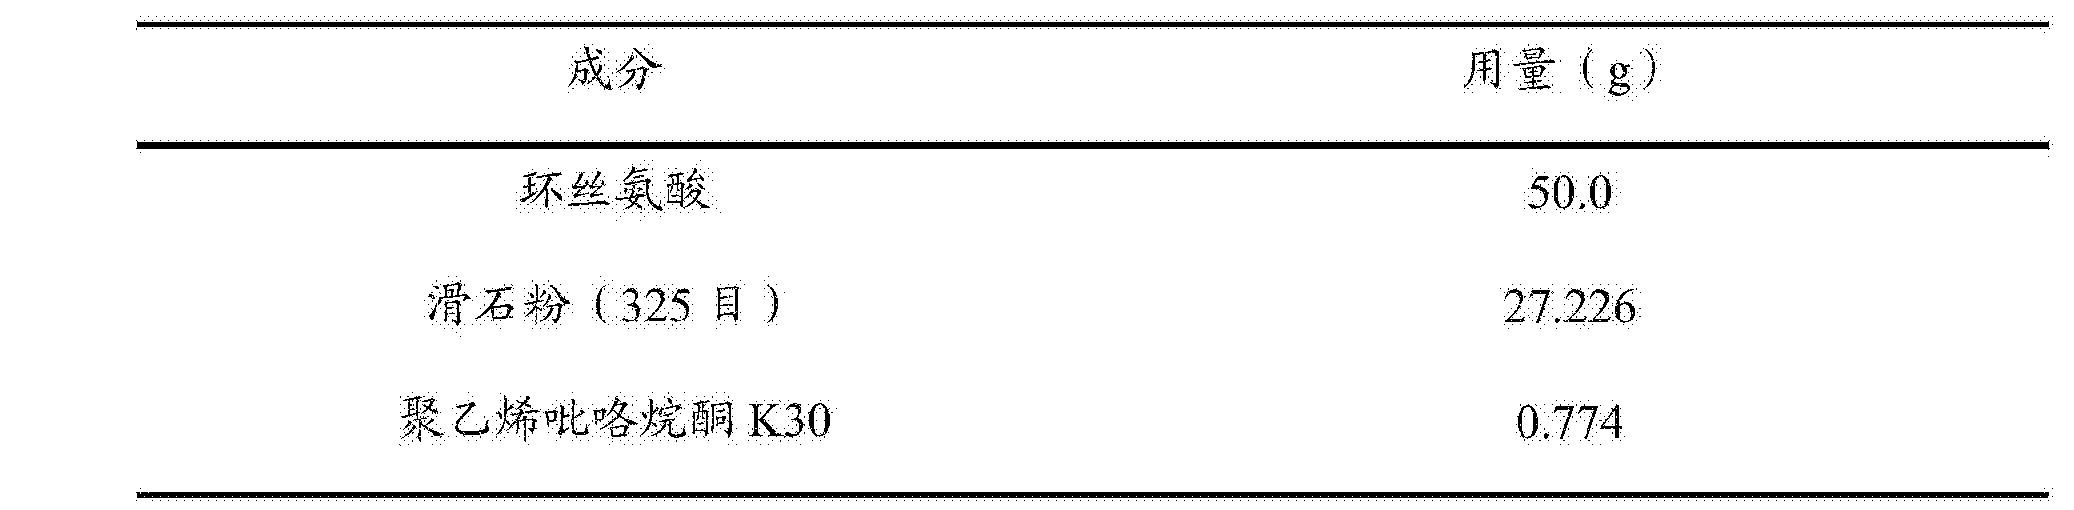 Figure CN105476976BD00112